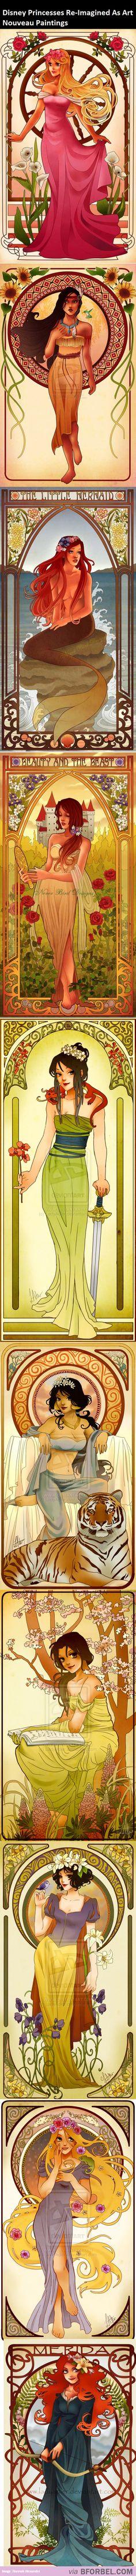 Disney Princesses Re-Imagined As Art Nouveau Paintings…